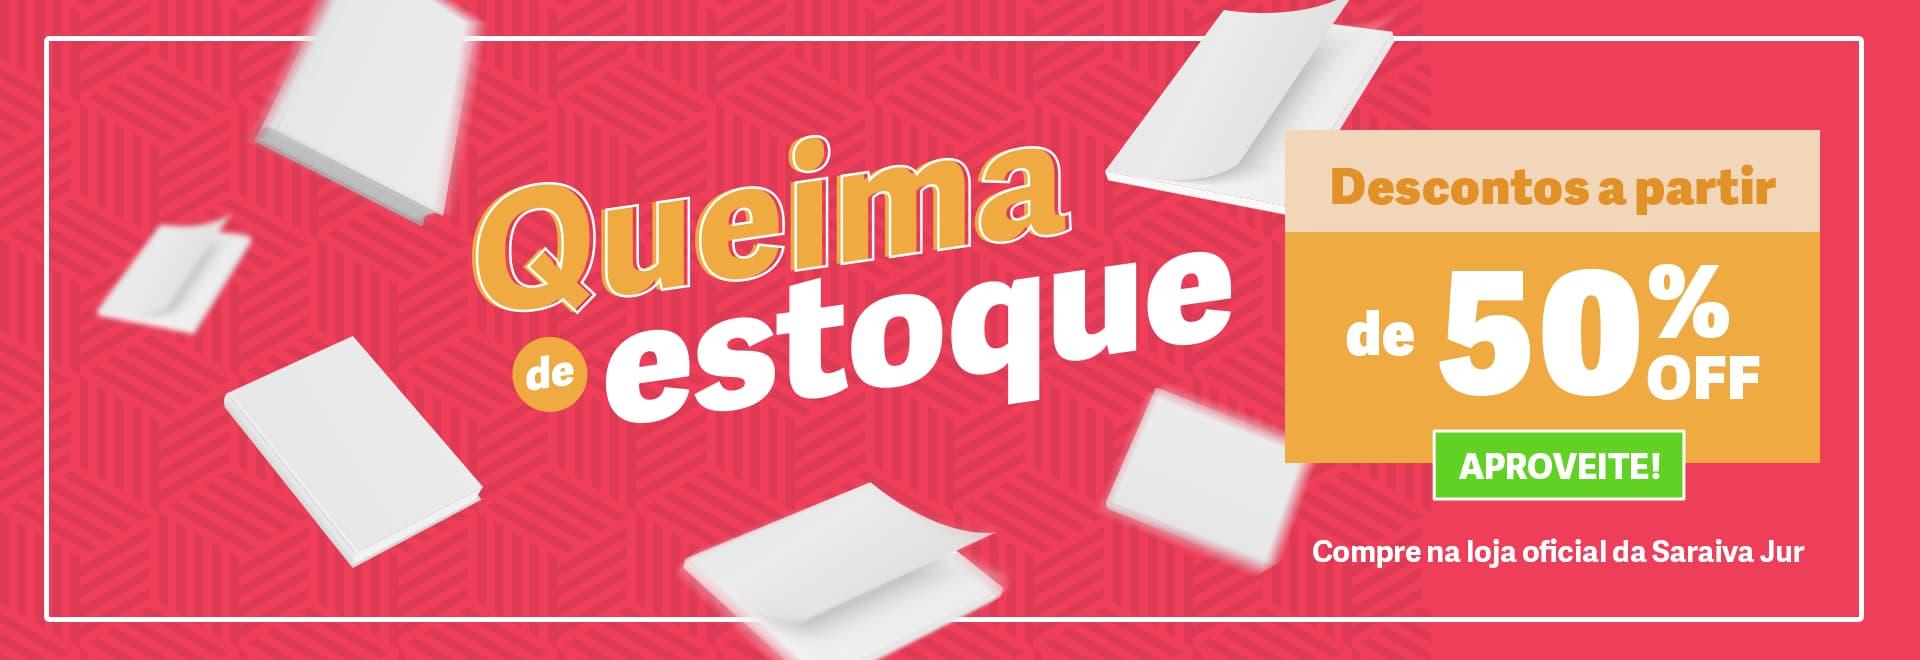 Queima_estoque_50off